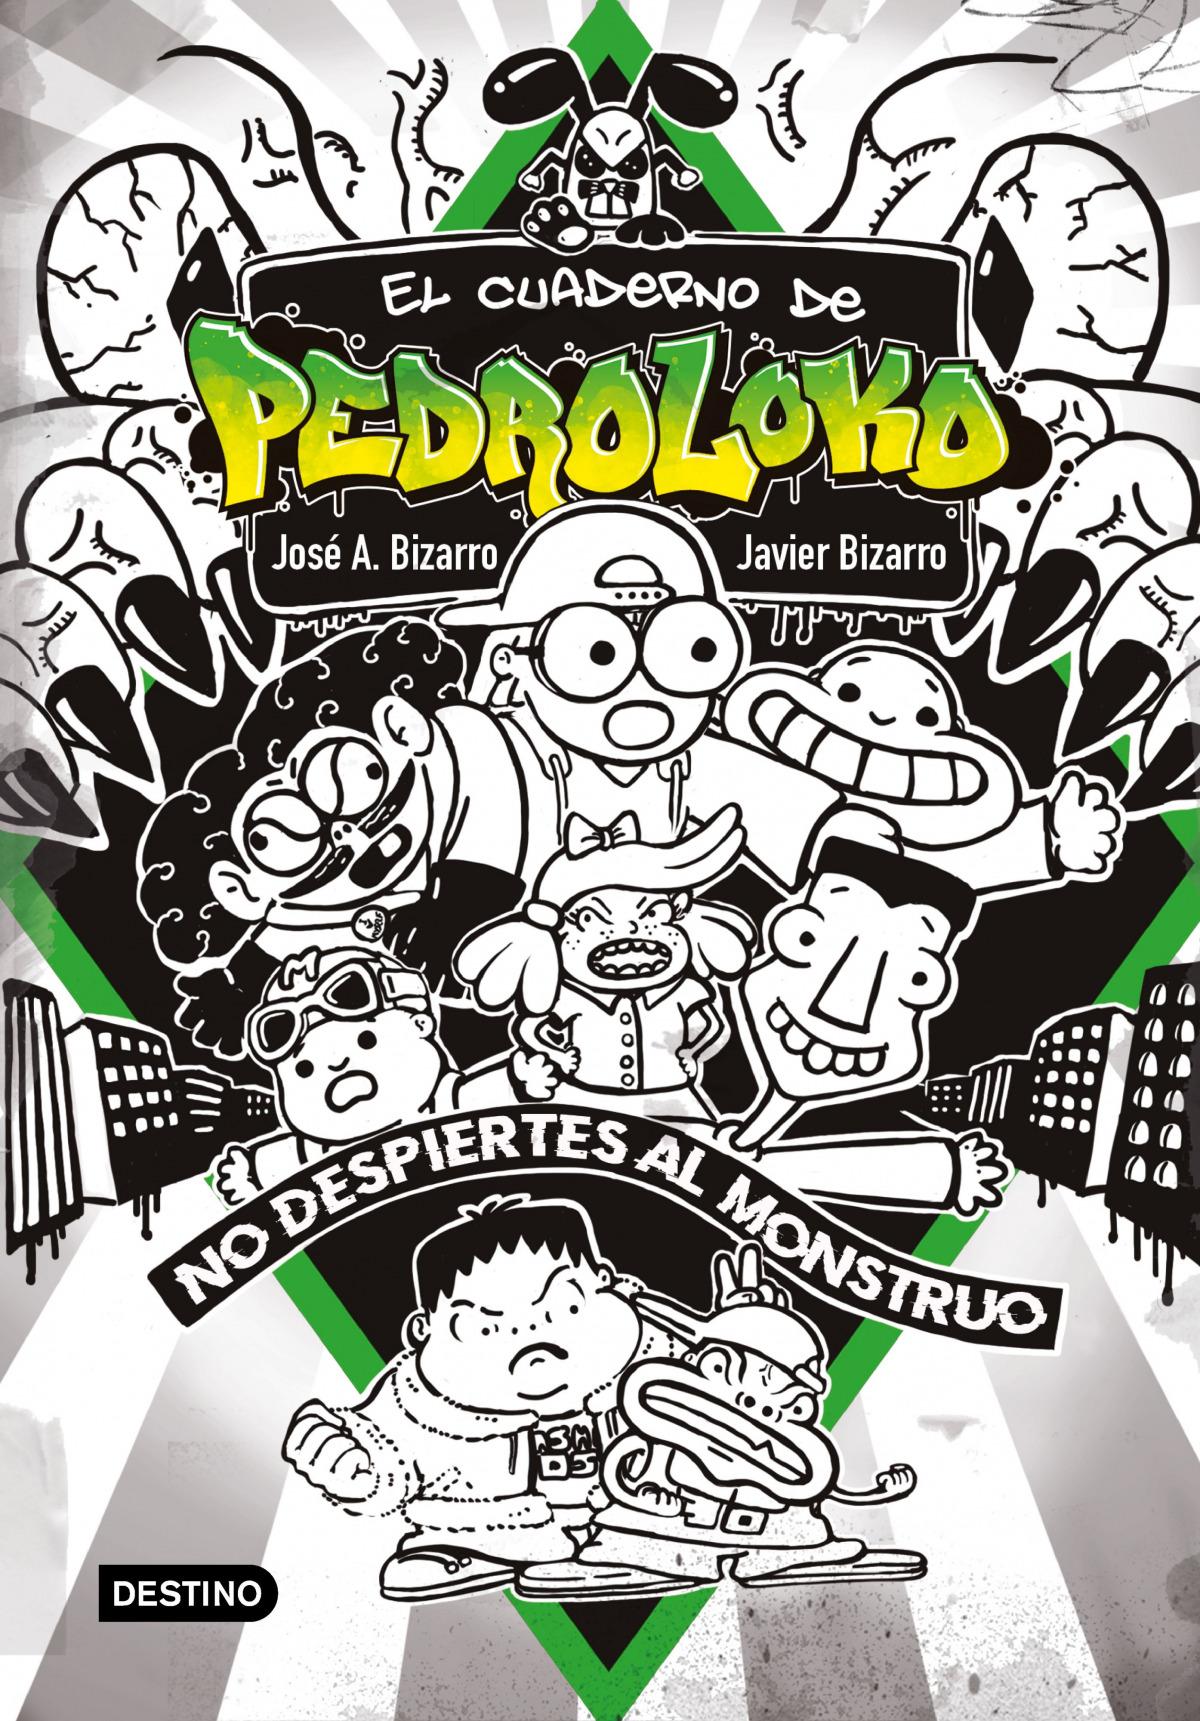 El cuaderno de Pedroloko. ¡No despiertes al monstruo!